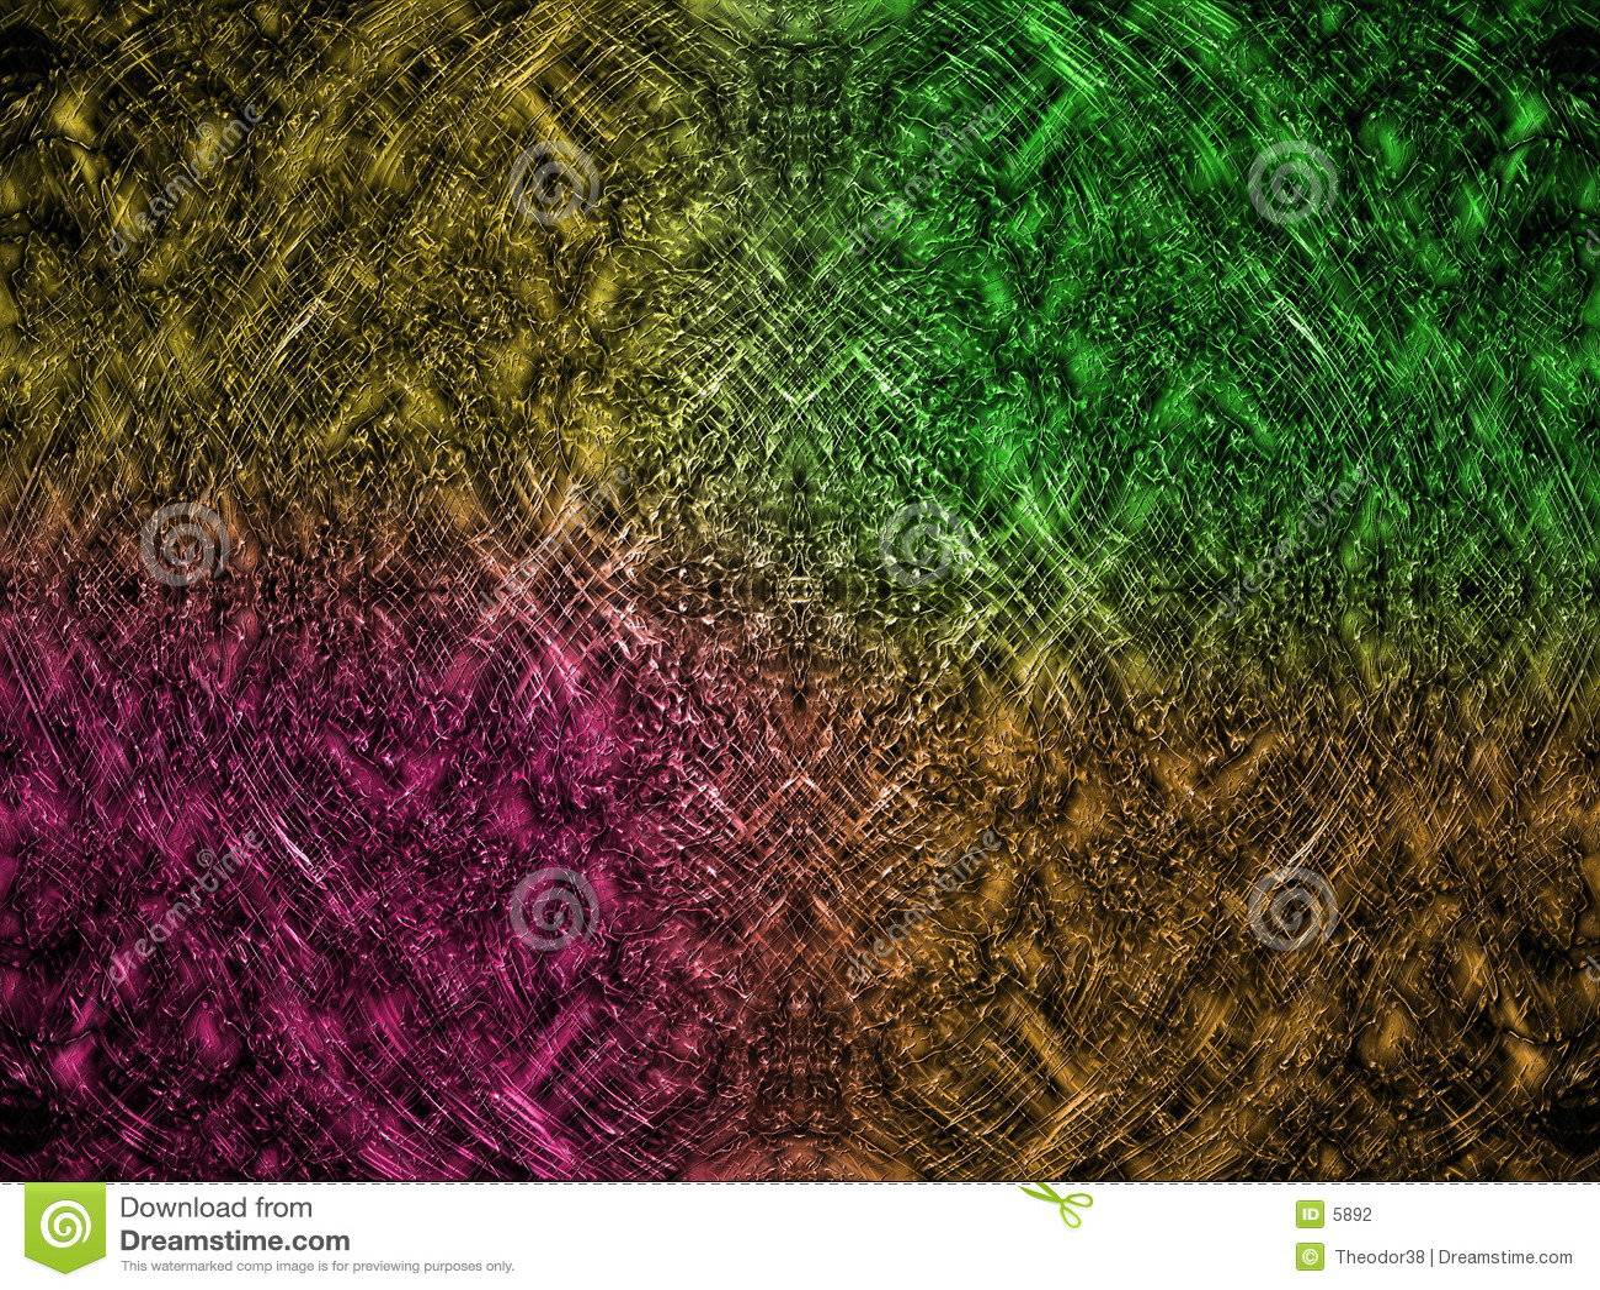 Colorfullwallpaper